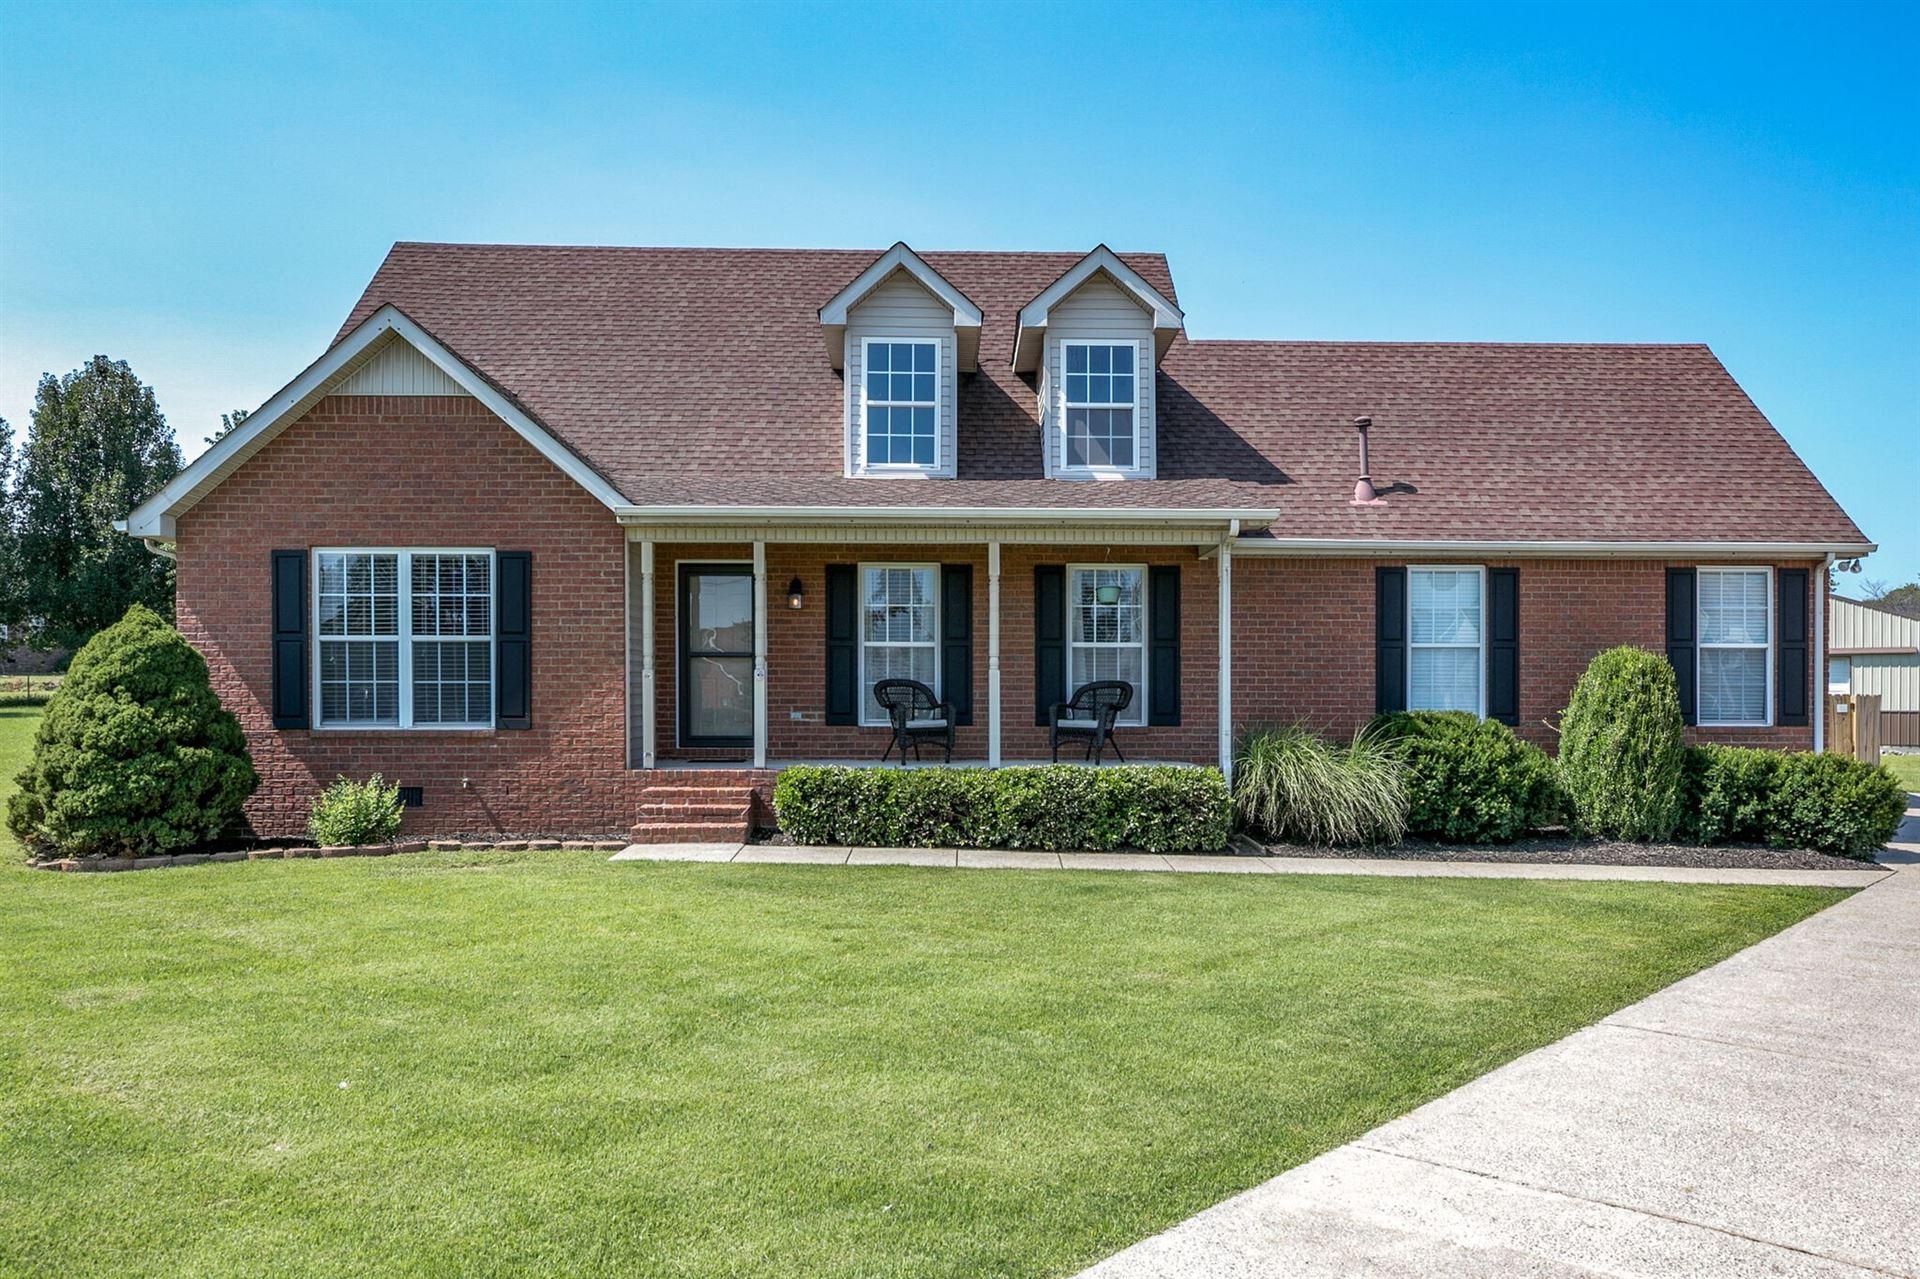 117 Kendell Ct, Murfreesboro, TN 37129 - MLS#: 2188236